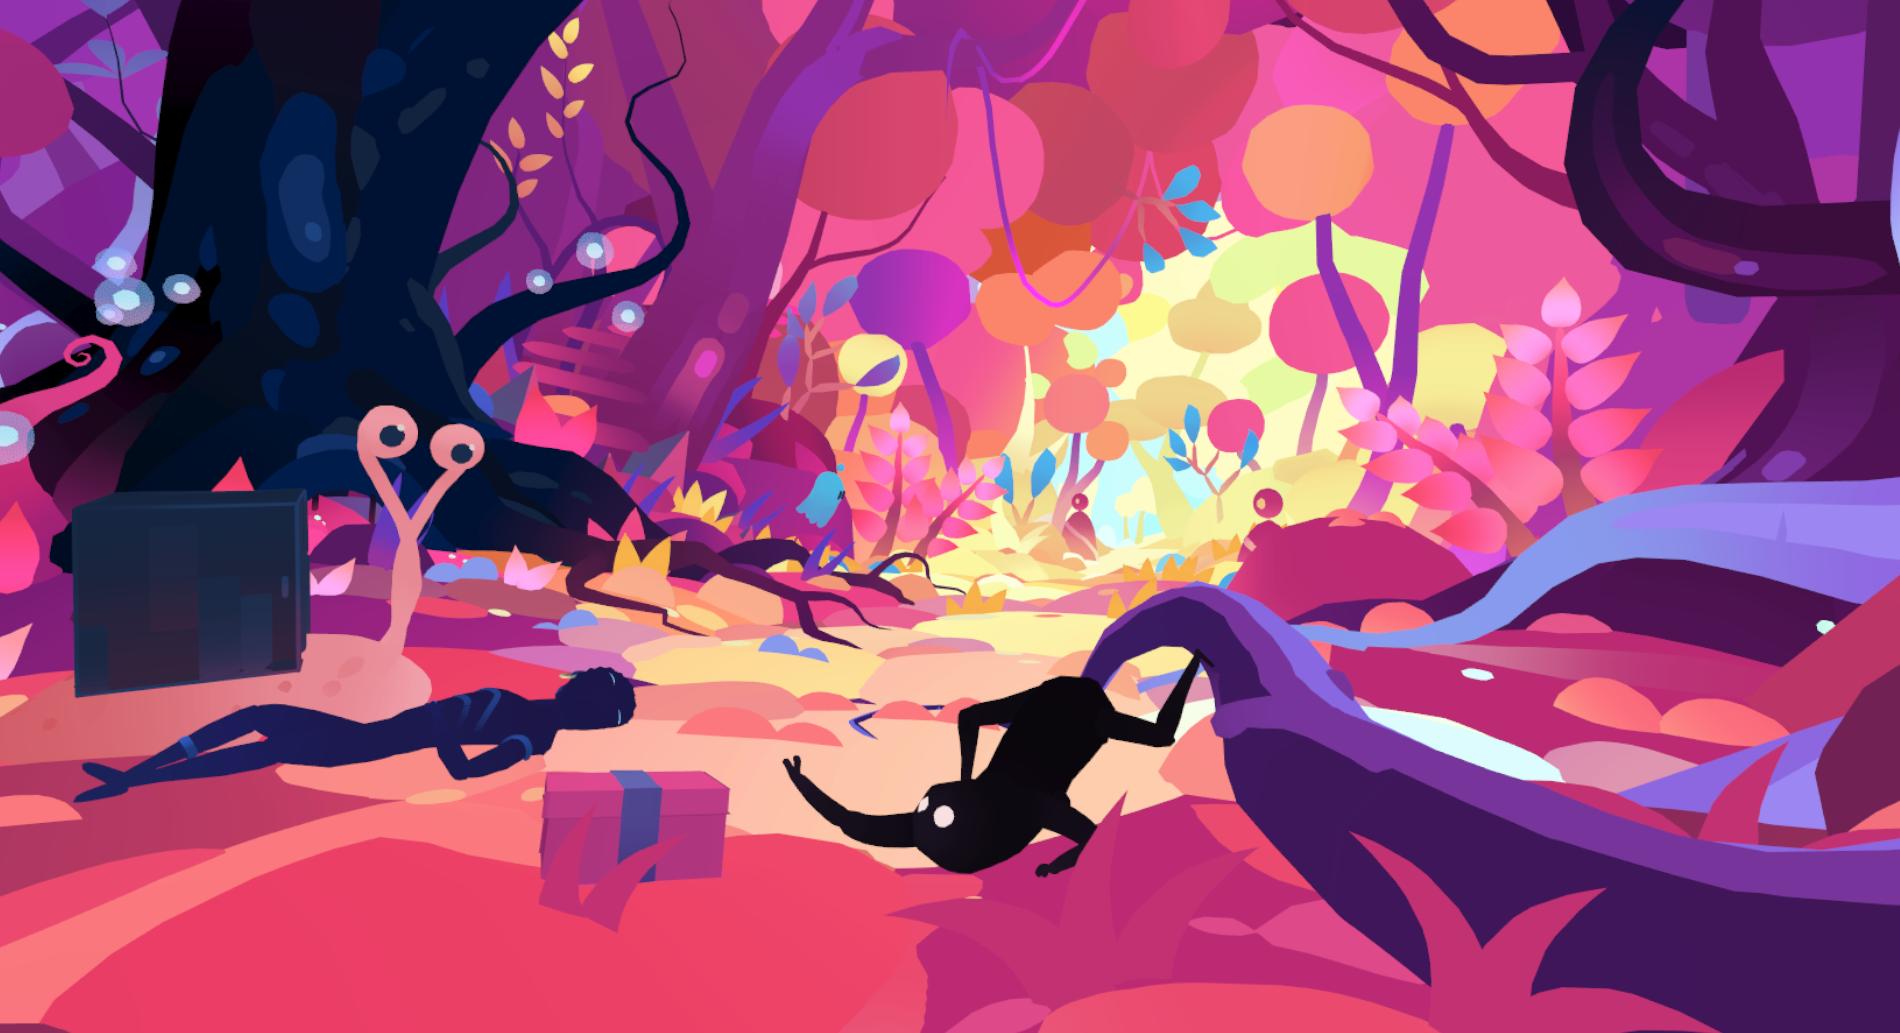 第2章『The Neon Jungle』のストーリー21